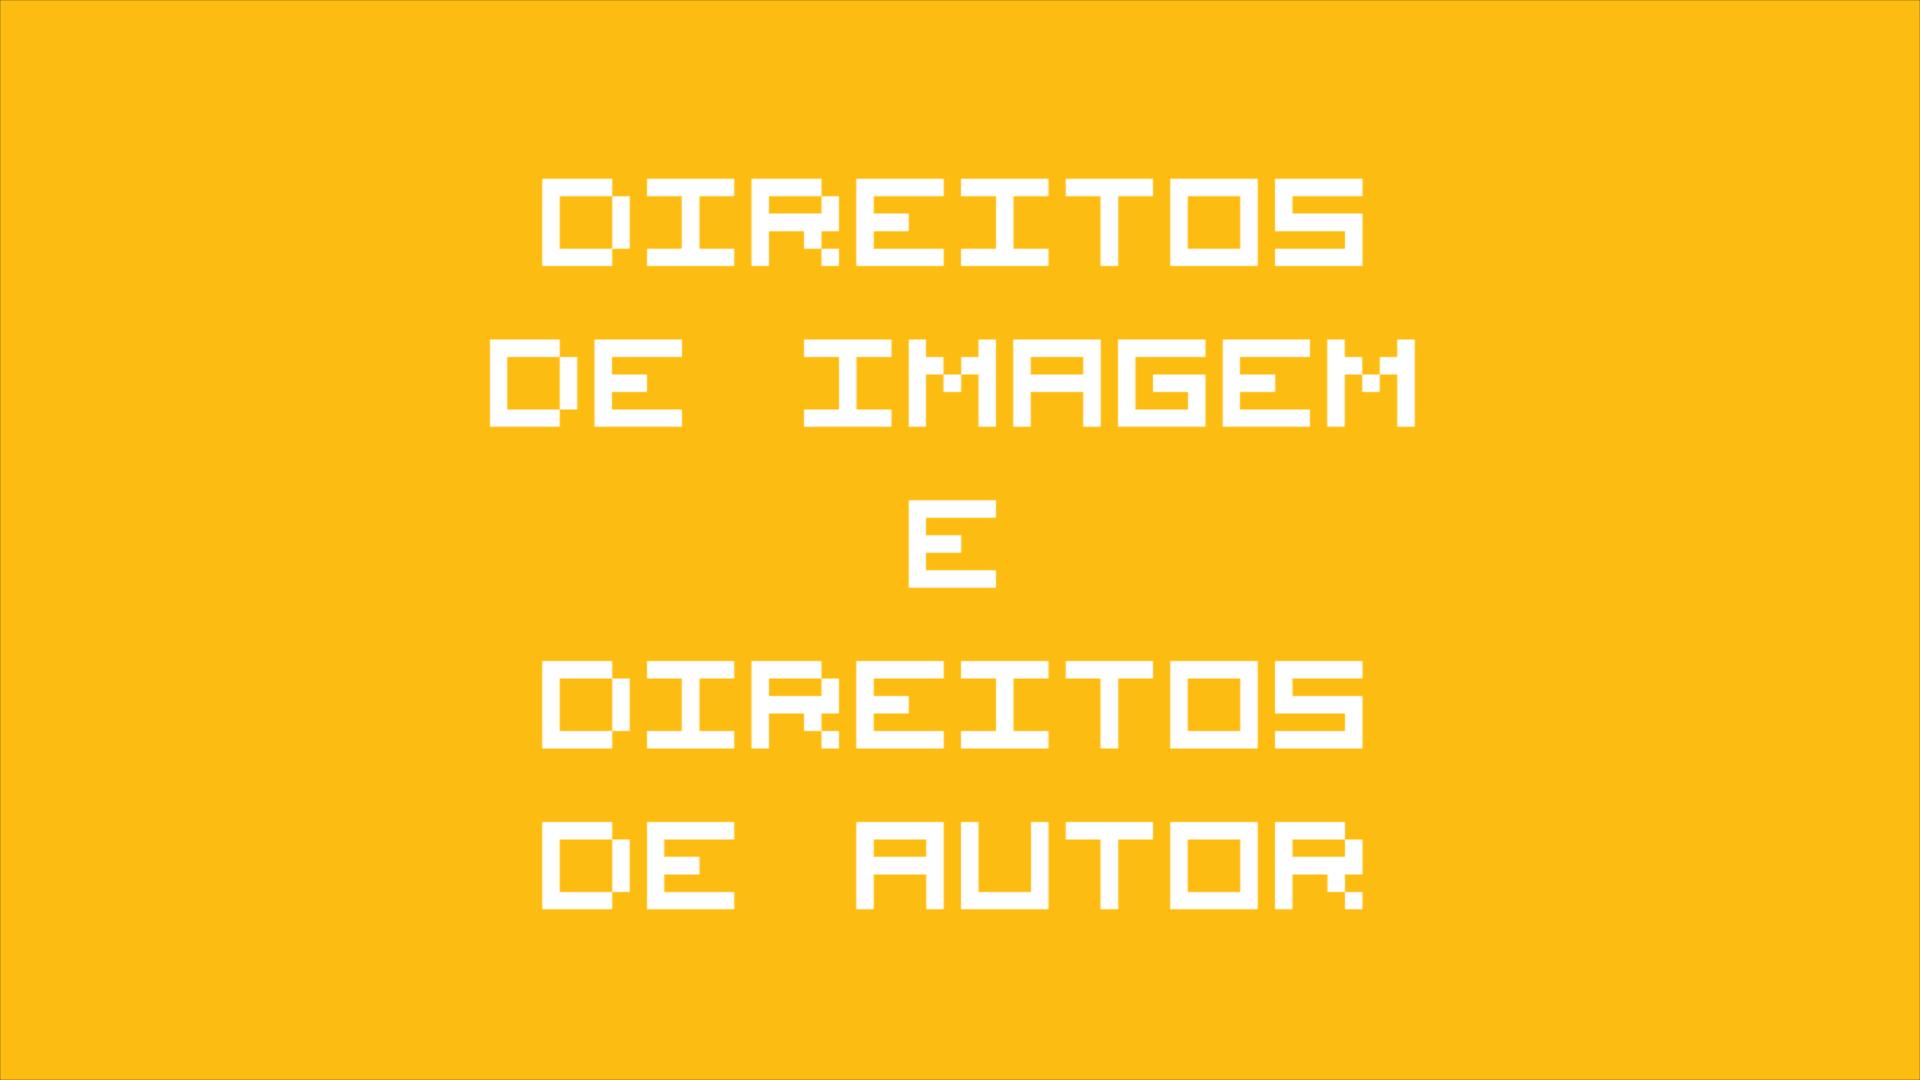 Direitos de Imagem, Direitos de Autor, Bytes de Informação